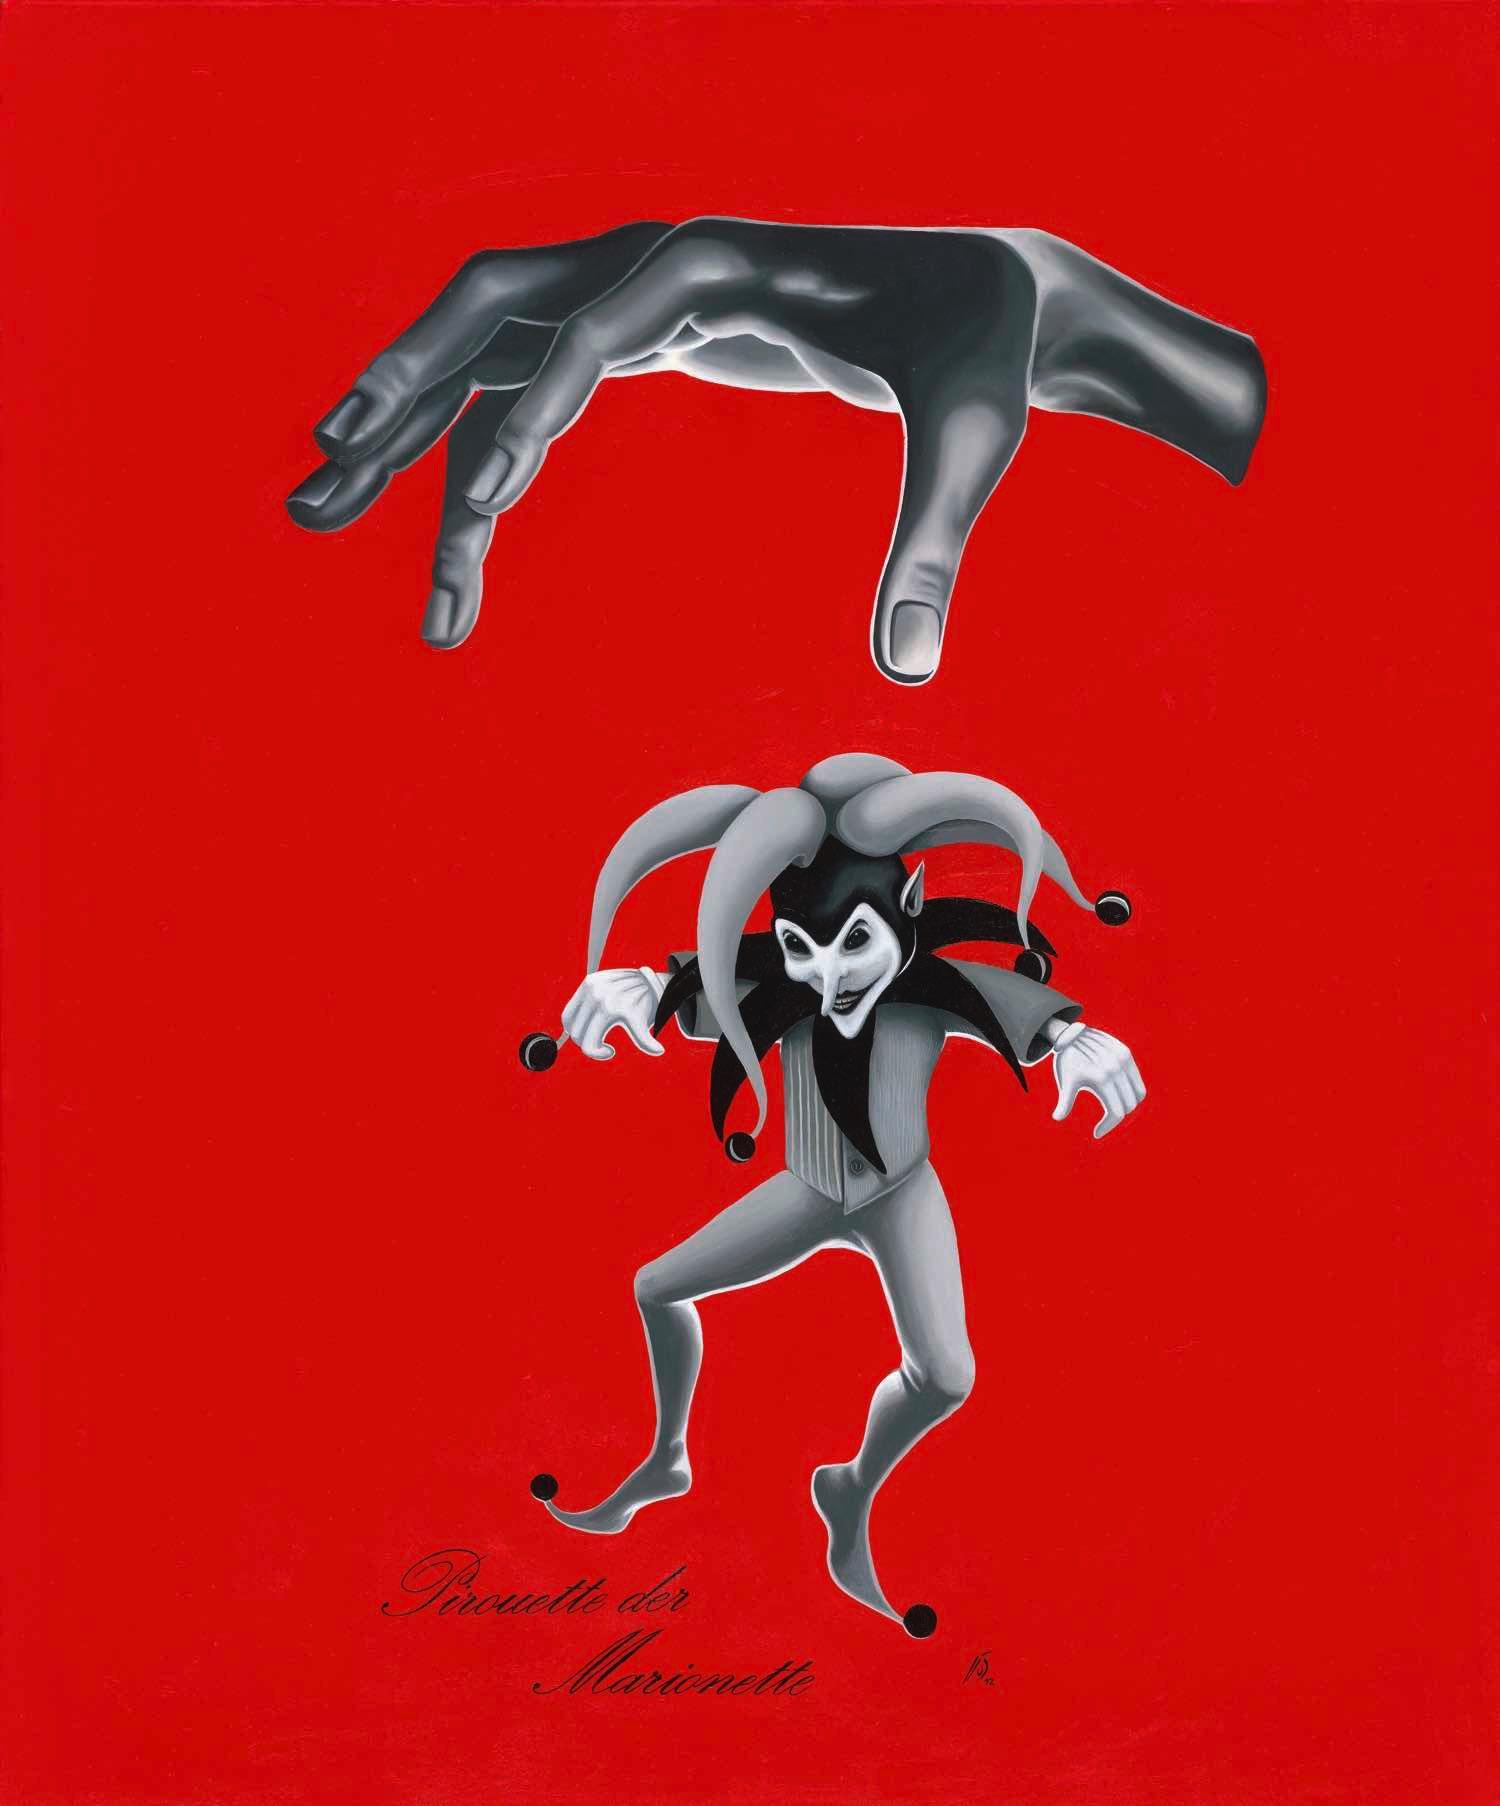 Pirouette der Marionette / Acryl und Öl auf Leinwand 100x120cm © Rita Stern Miltenberg